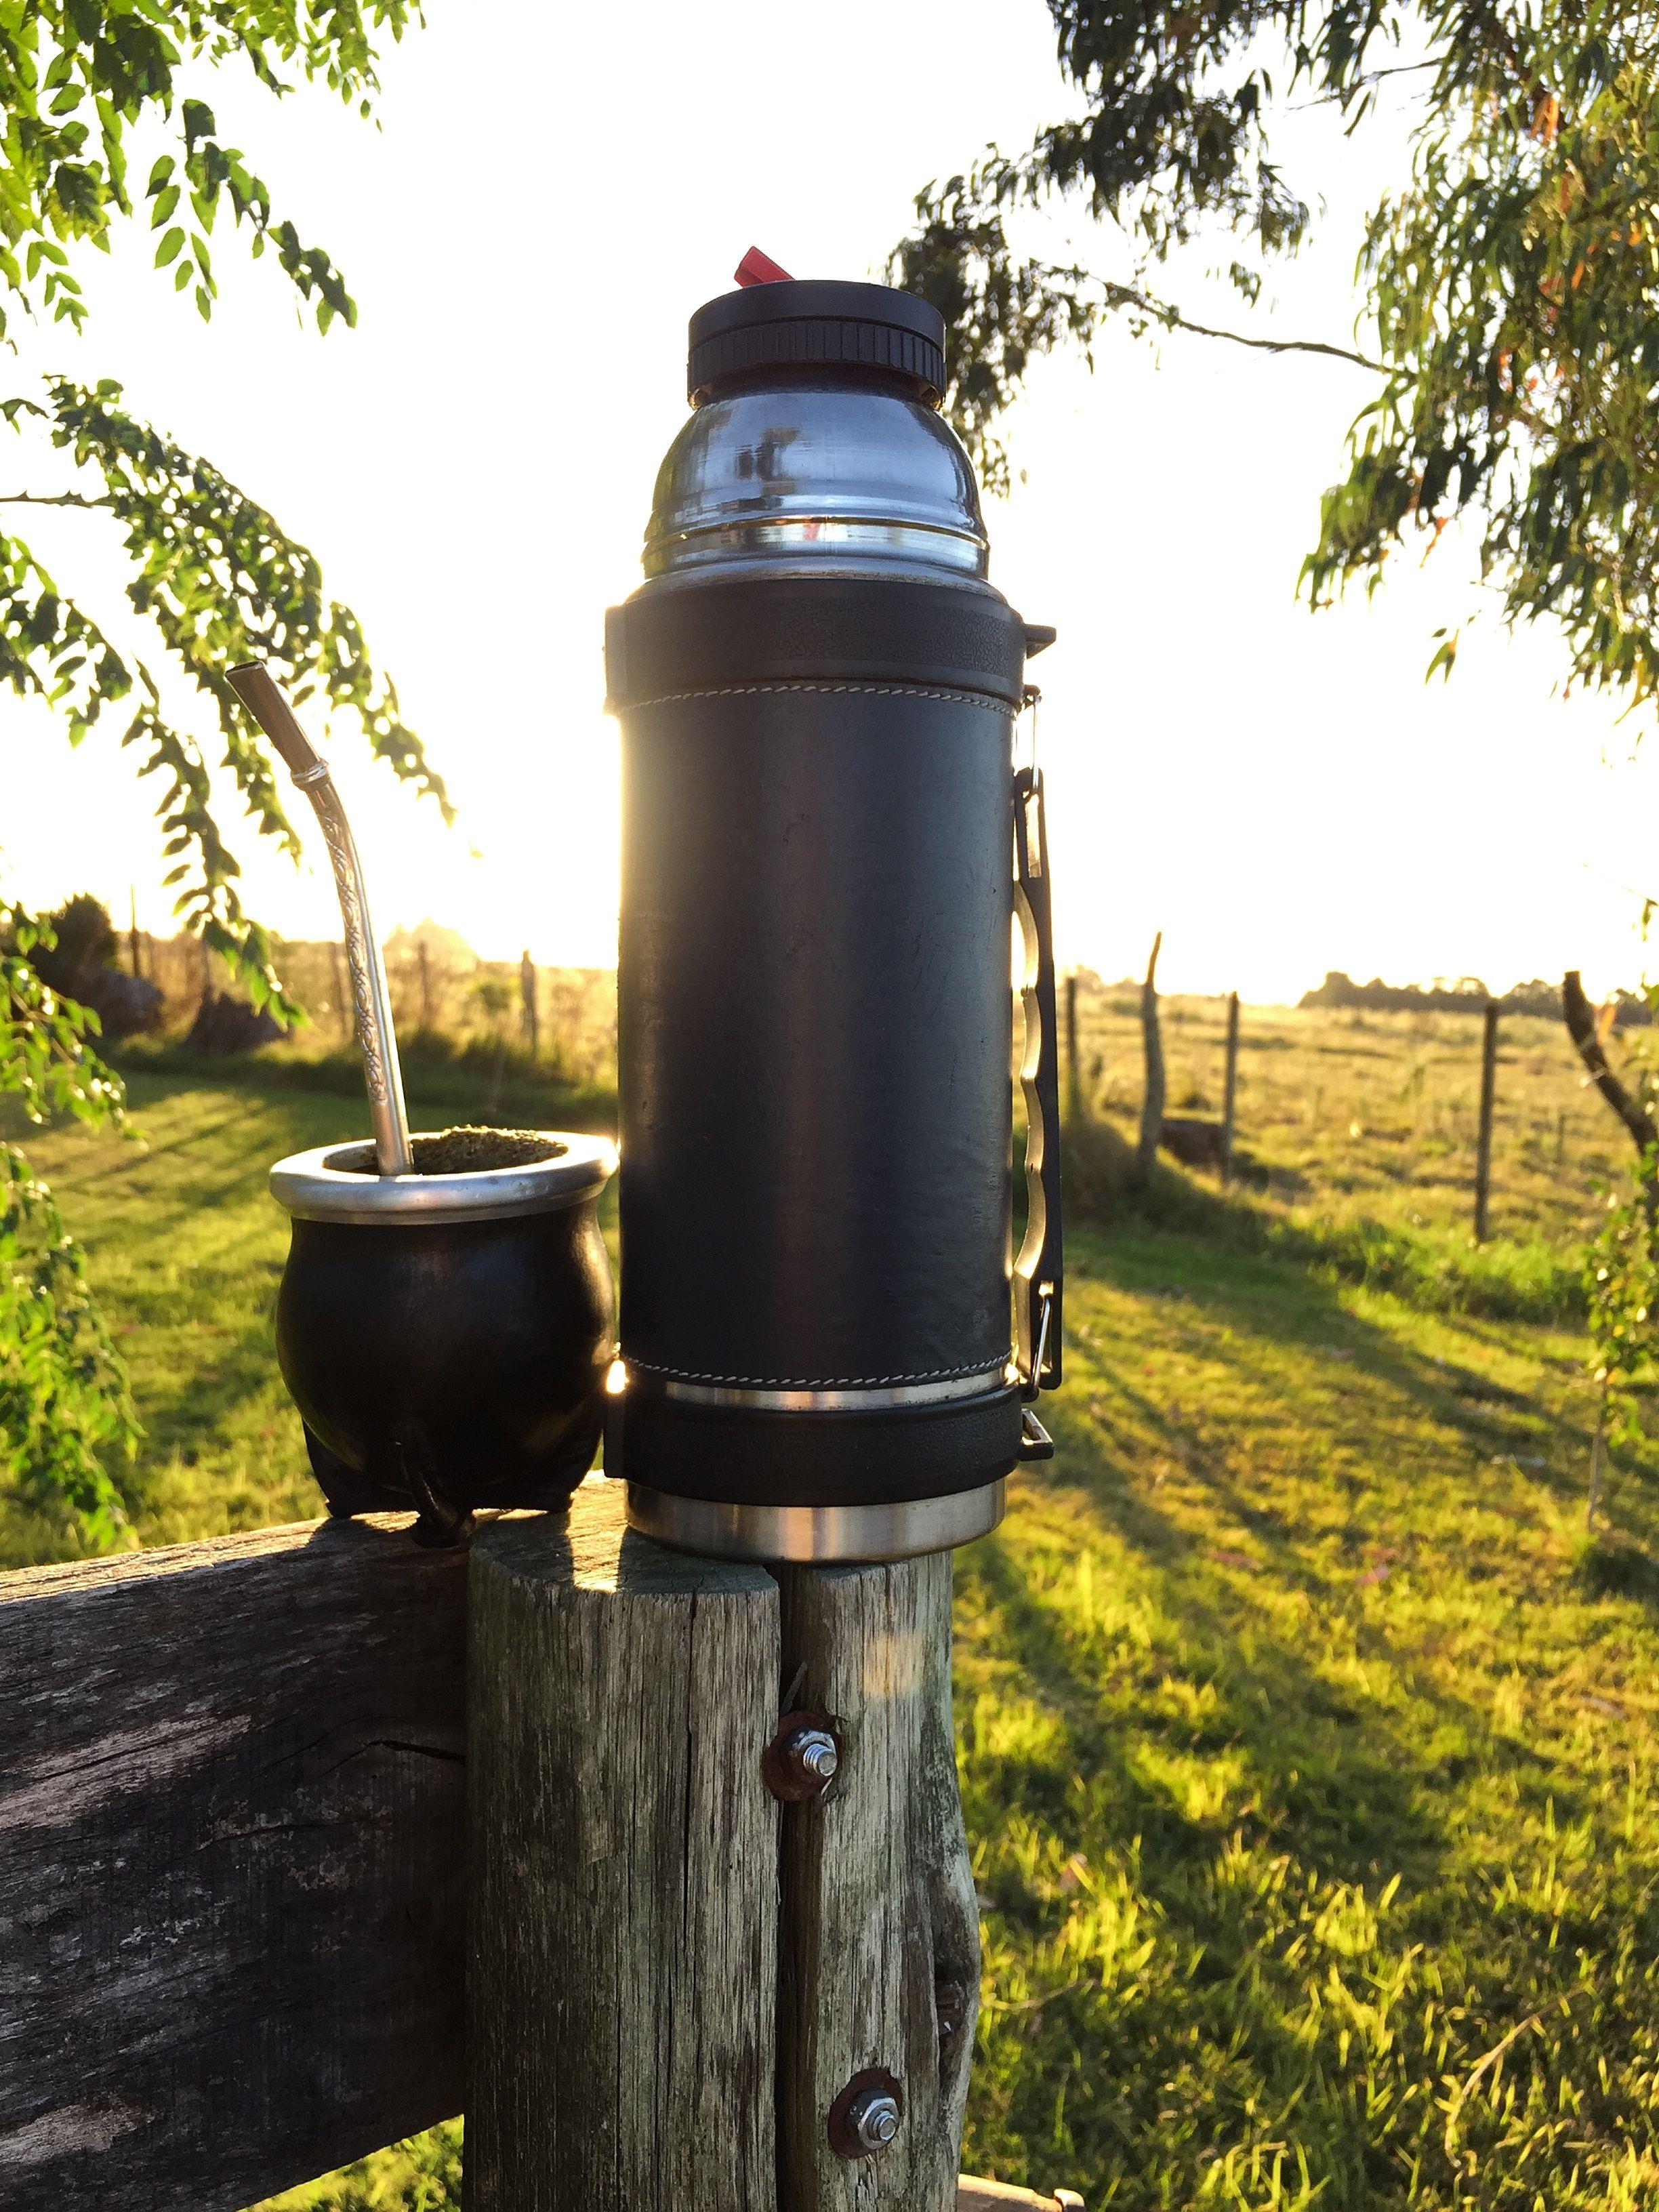 Termo Y Mate Cultura Uruguaya Fotos De Campos Fotos Atardecer Paisaje Rural